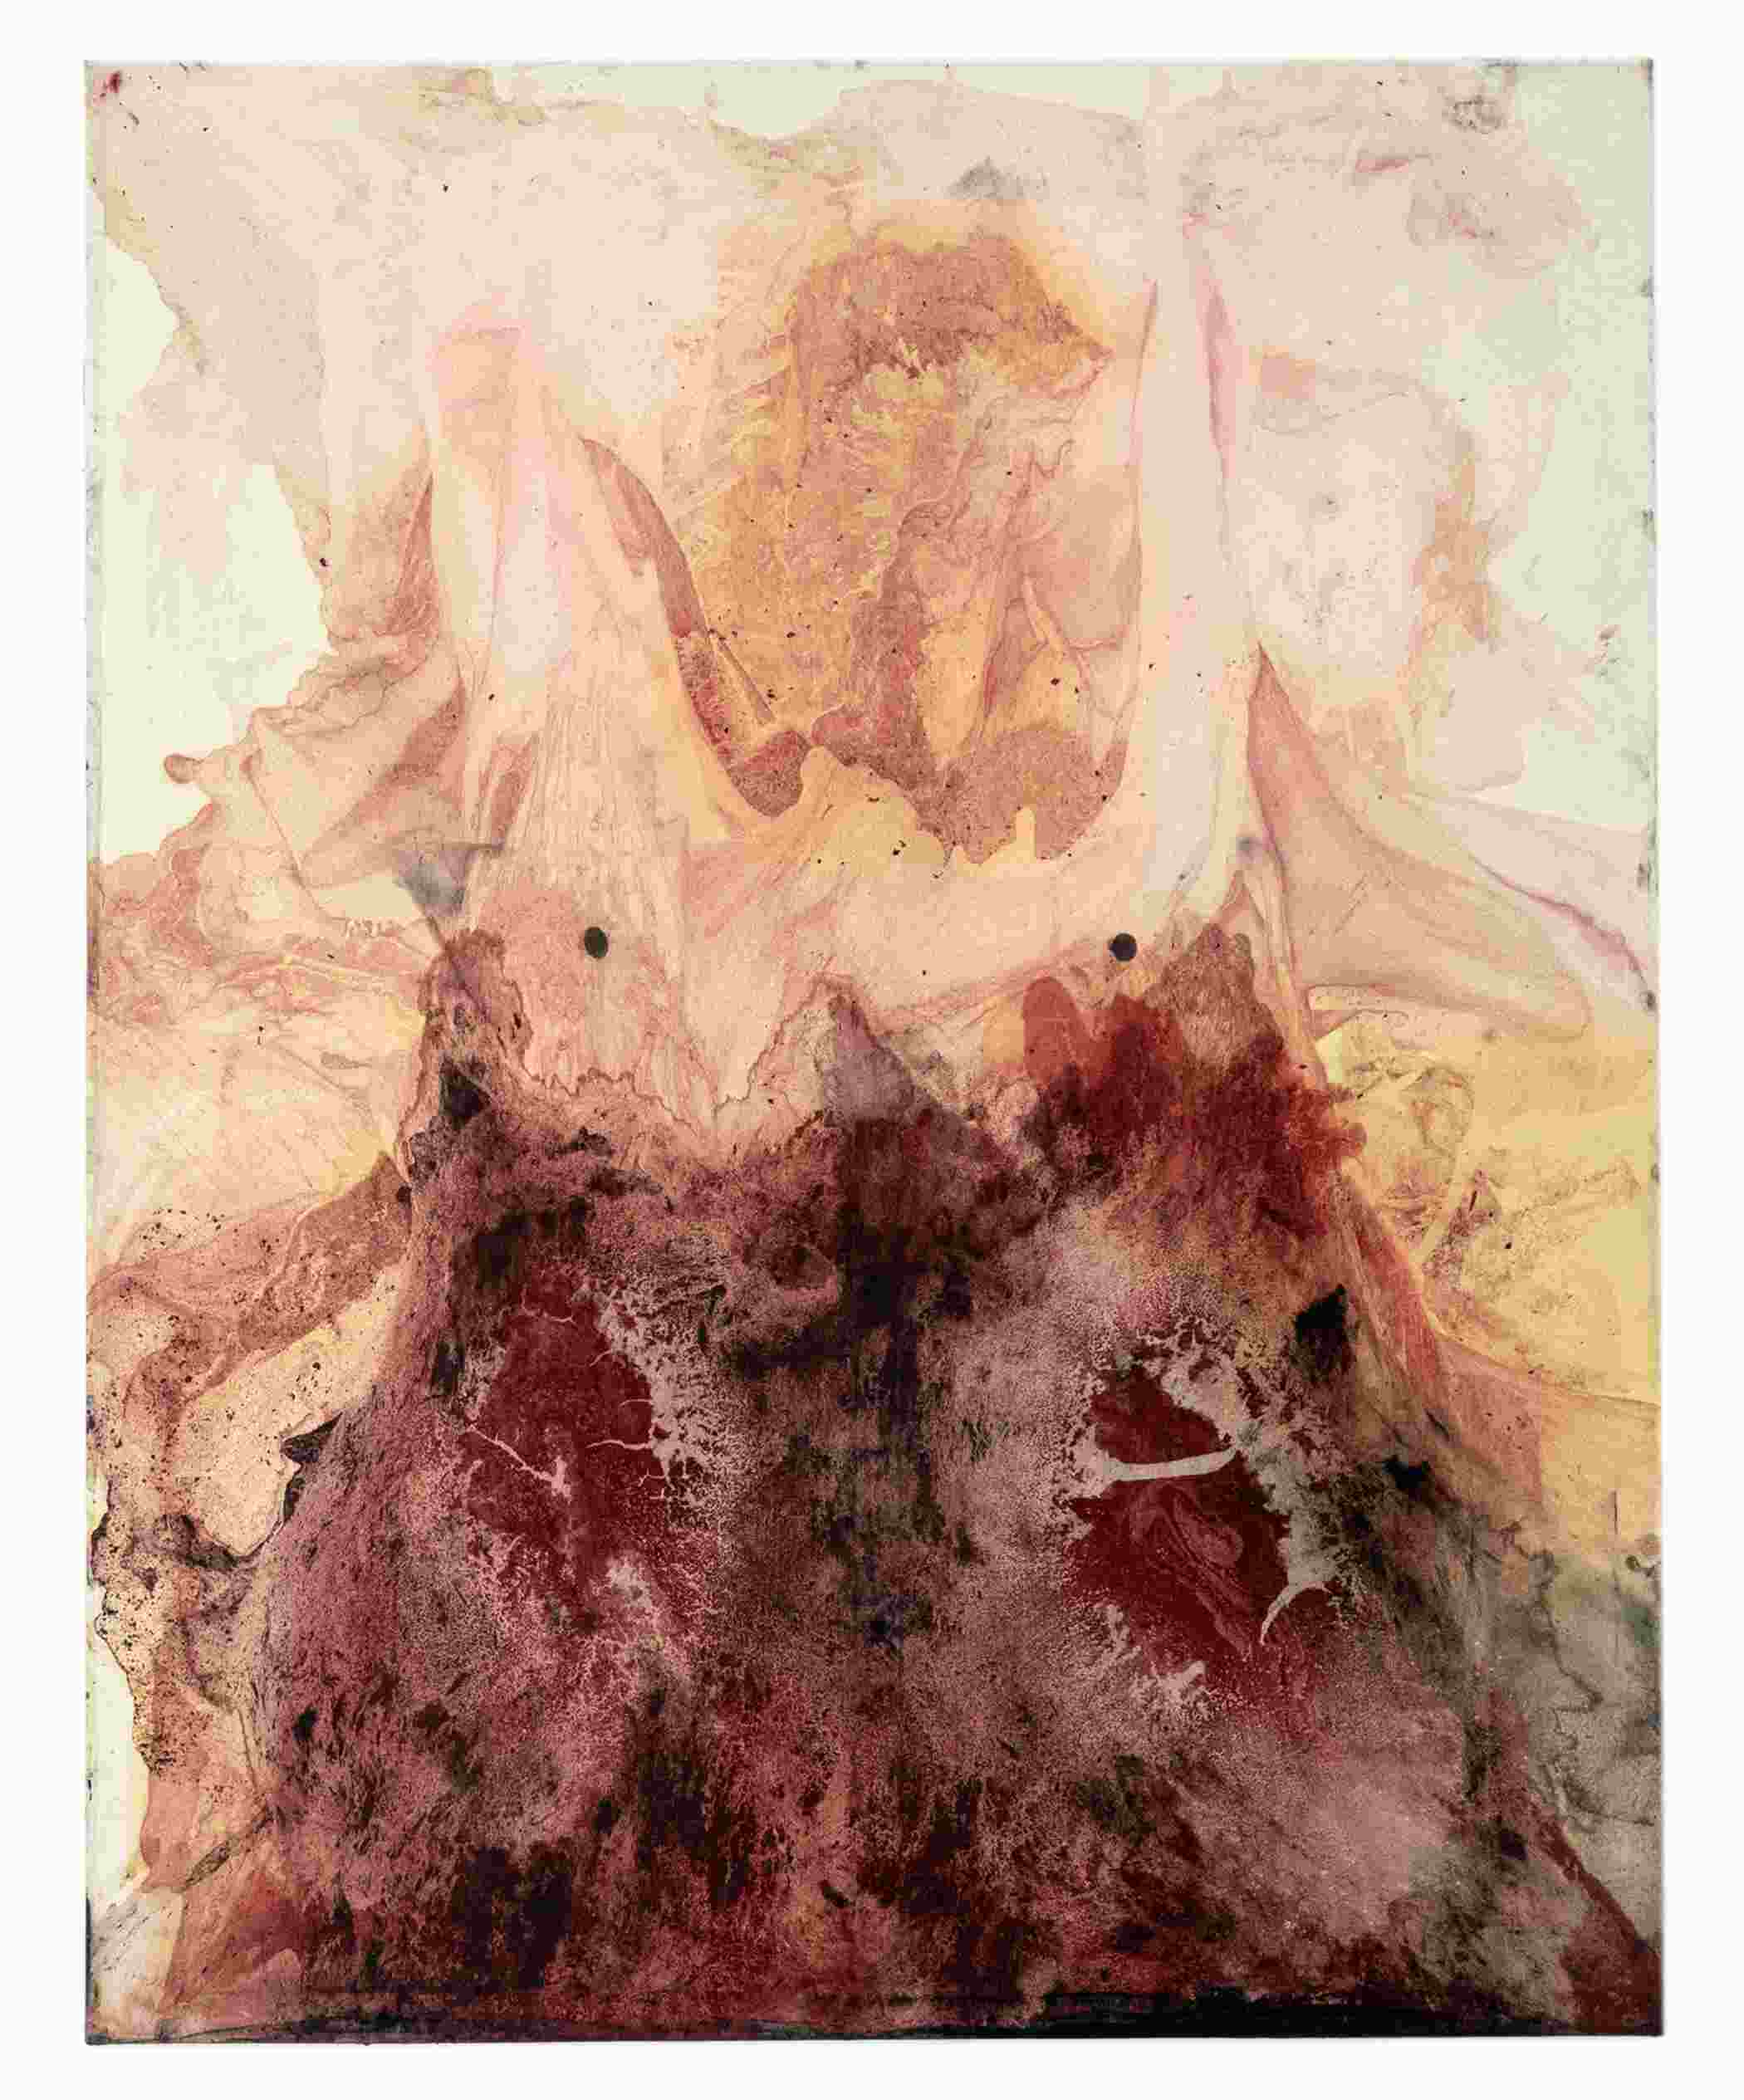 obraz abstrakcyjny w kolorach różu i czerwieni